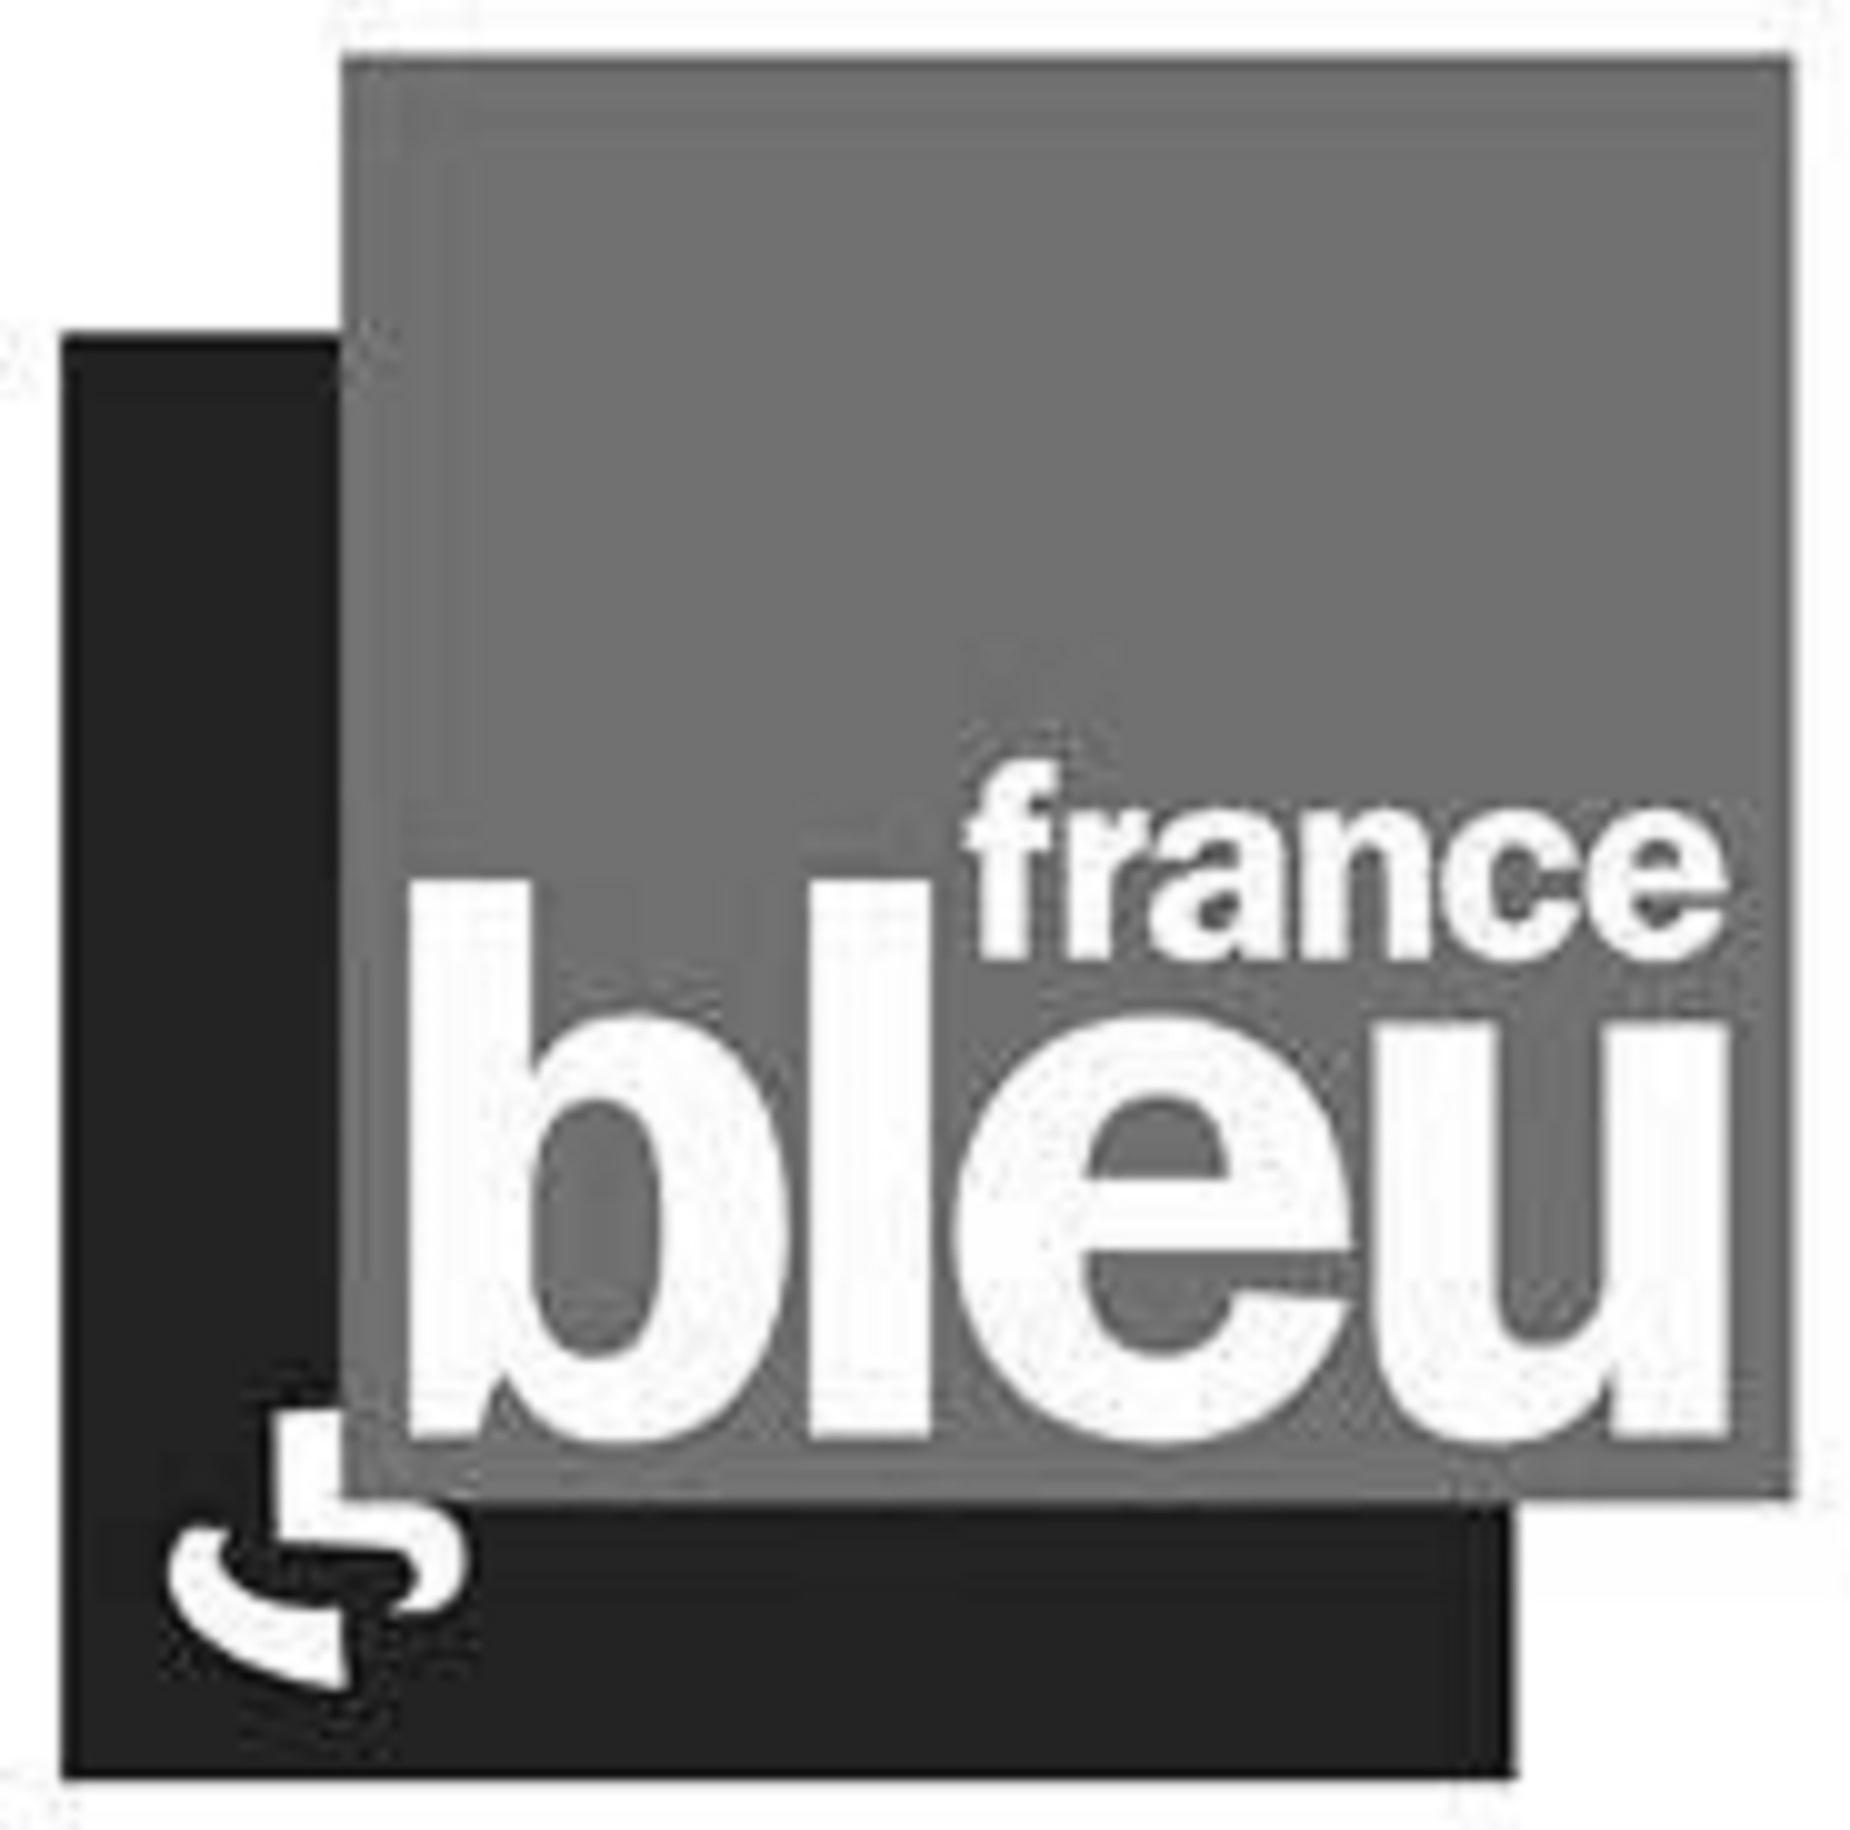 FranceBleue ConvertImage